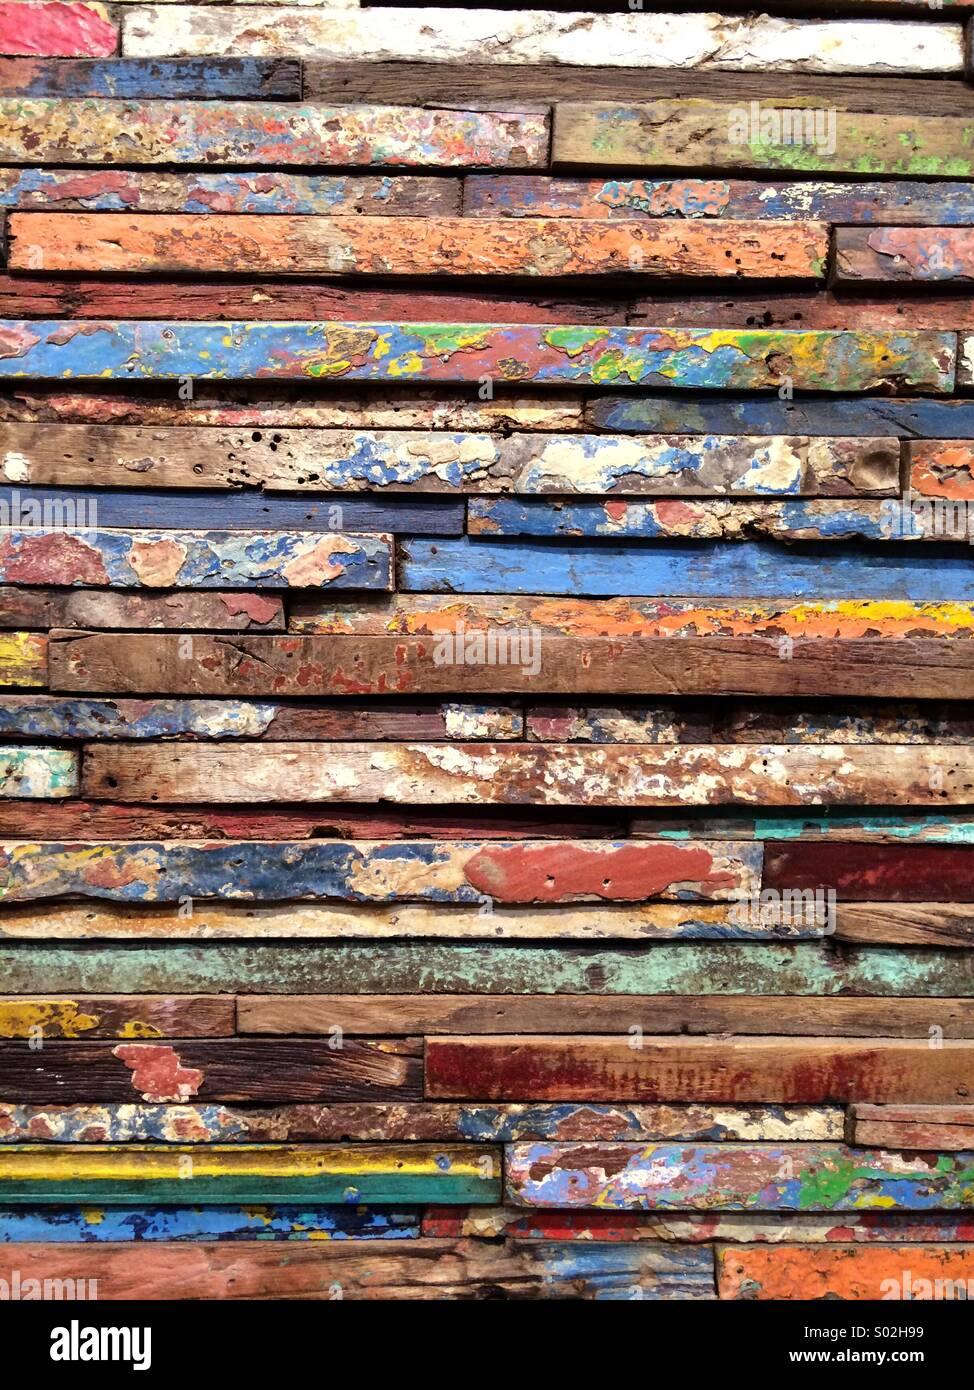 Cadres de fenêtre adapté (vertical) maintenant utilisé comme art mural bois usagé à mur. Photo Stock